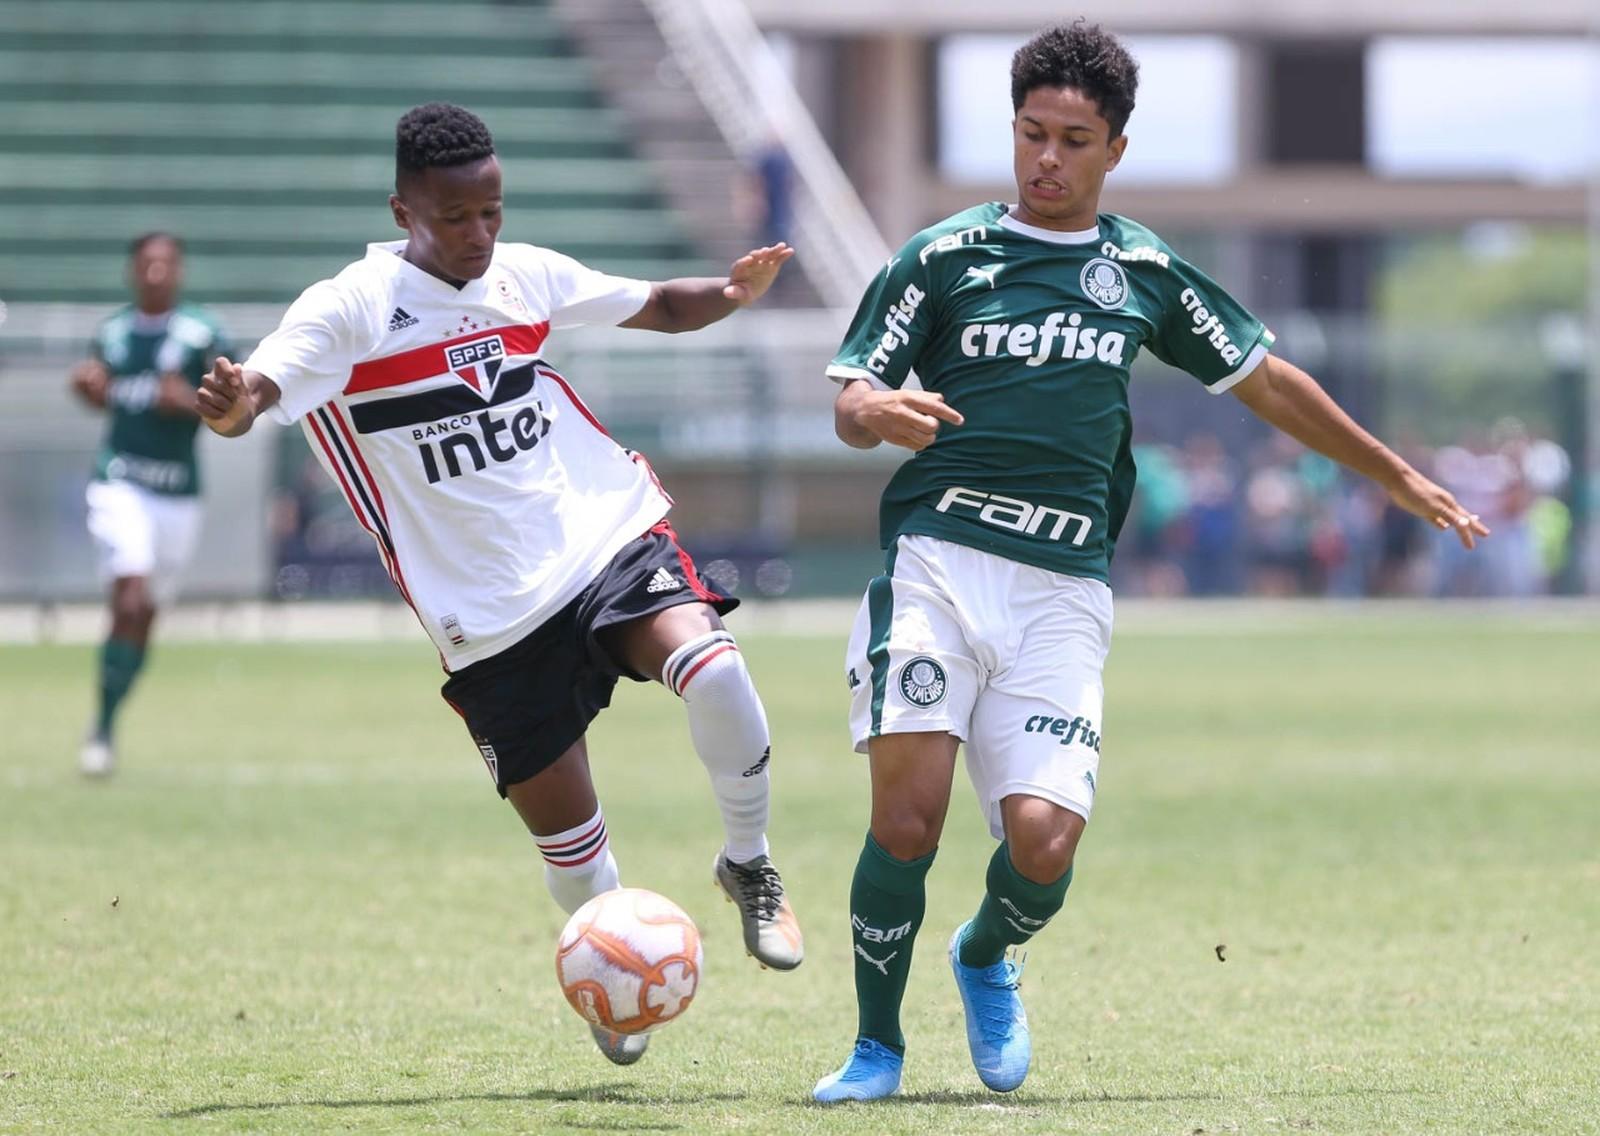 Com briga no fim, São Paulo vence o Palmeiras e conquista o título paulista sub-17